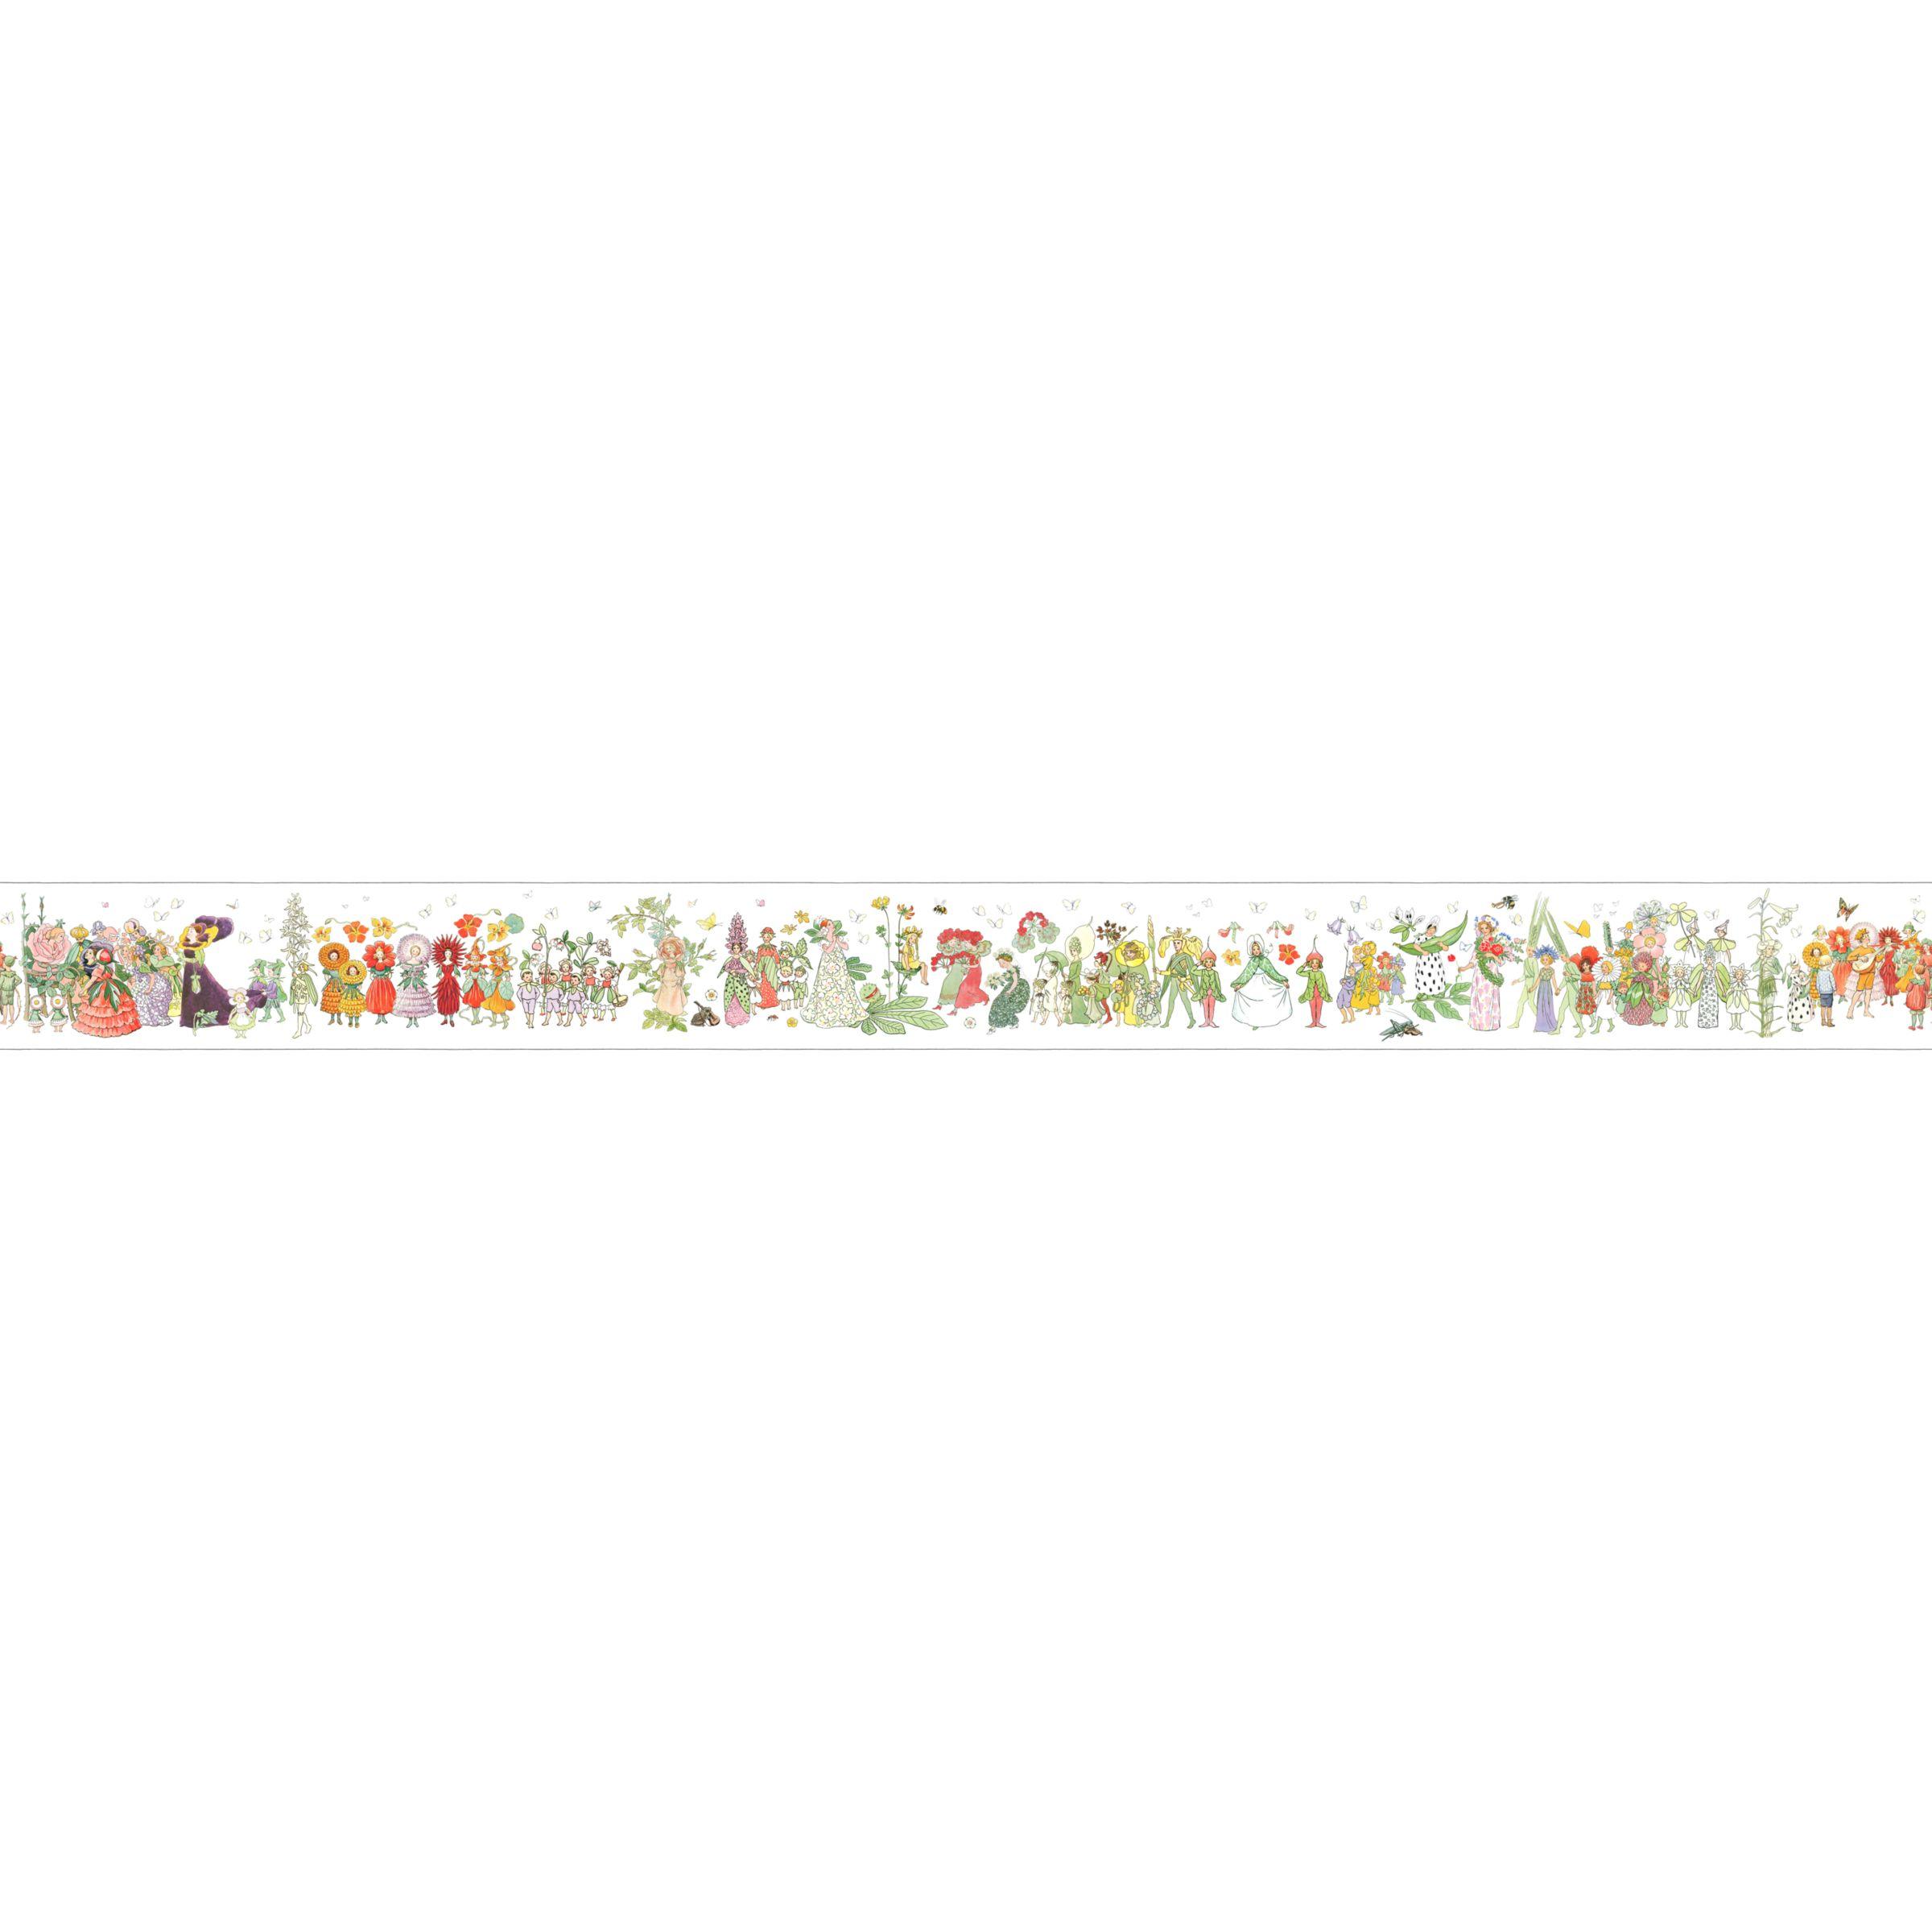 Blomsterparaden Wallpaper Border, 6280 ...